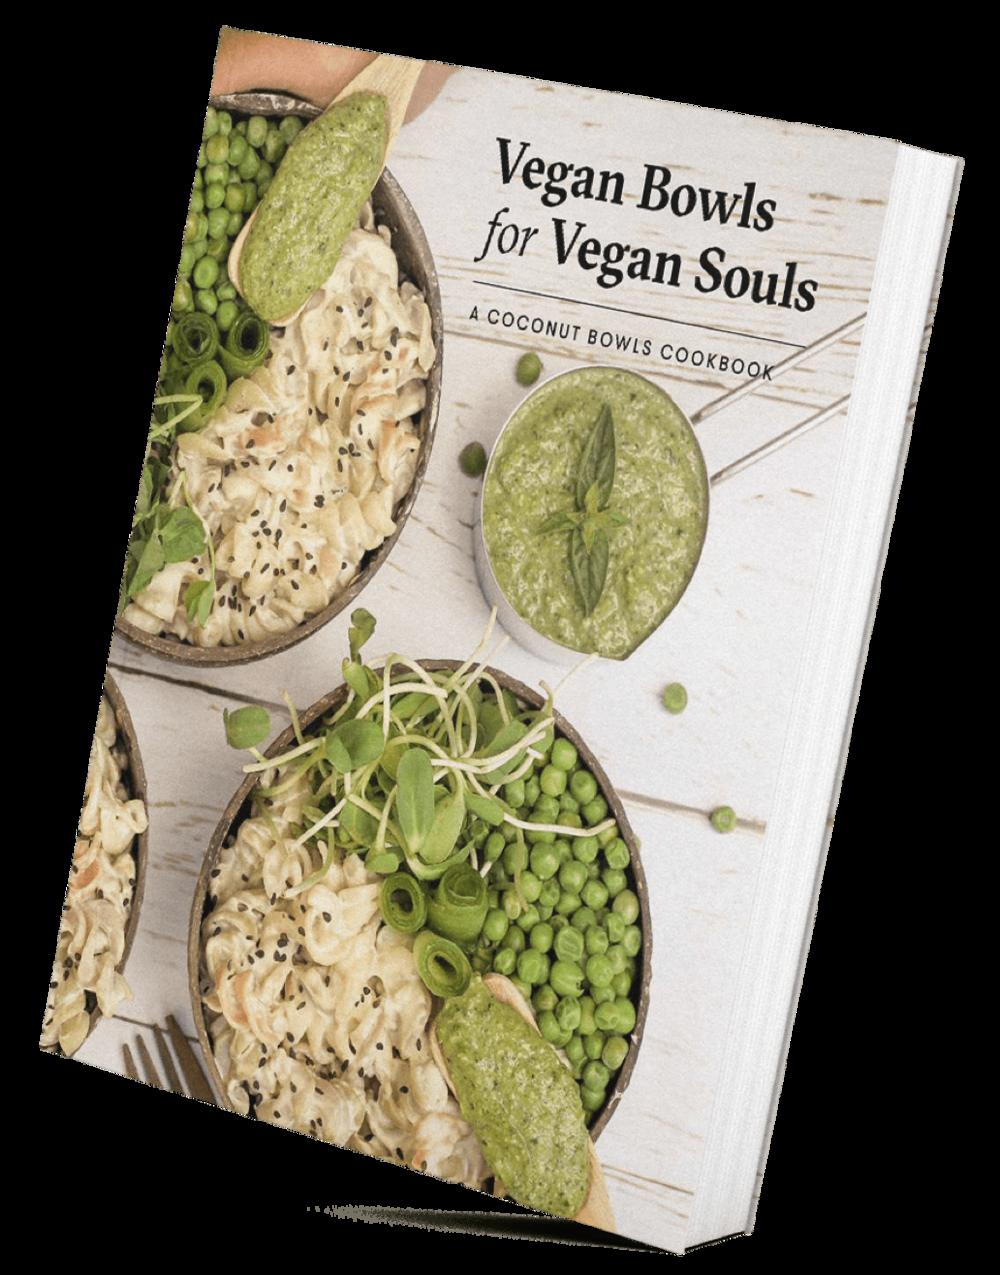 Vegan Bowls For Vegan Souls: Livre de 100 Recettes pour lequel j'ai crée une recette à côté de plein d'autres foodies vegan!  utilisez le code 'amelie10' pour une réduction !  (fonctionne sur le ebook et livre papier)